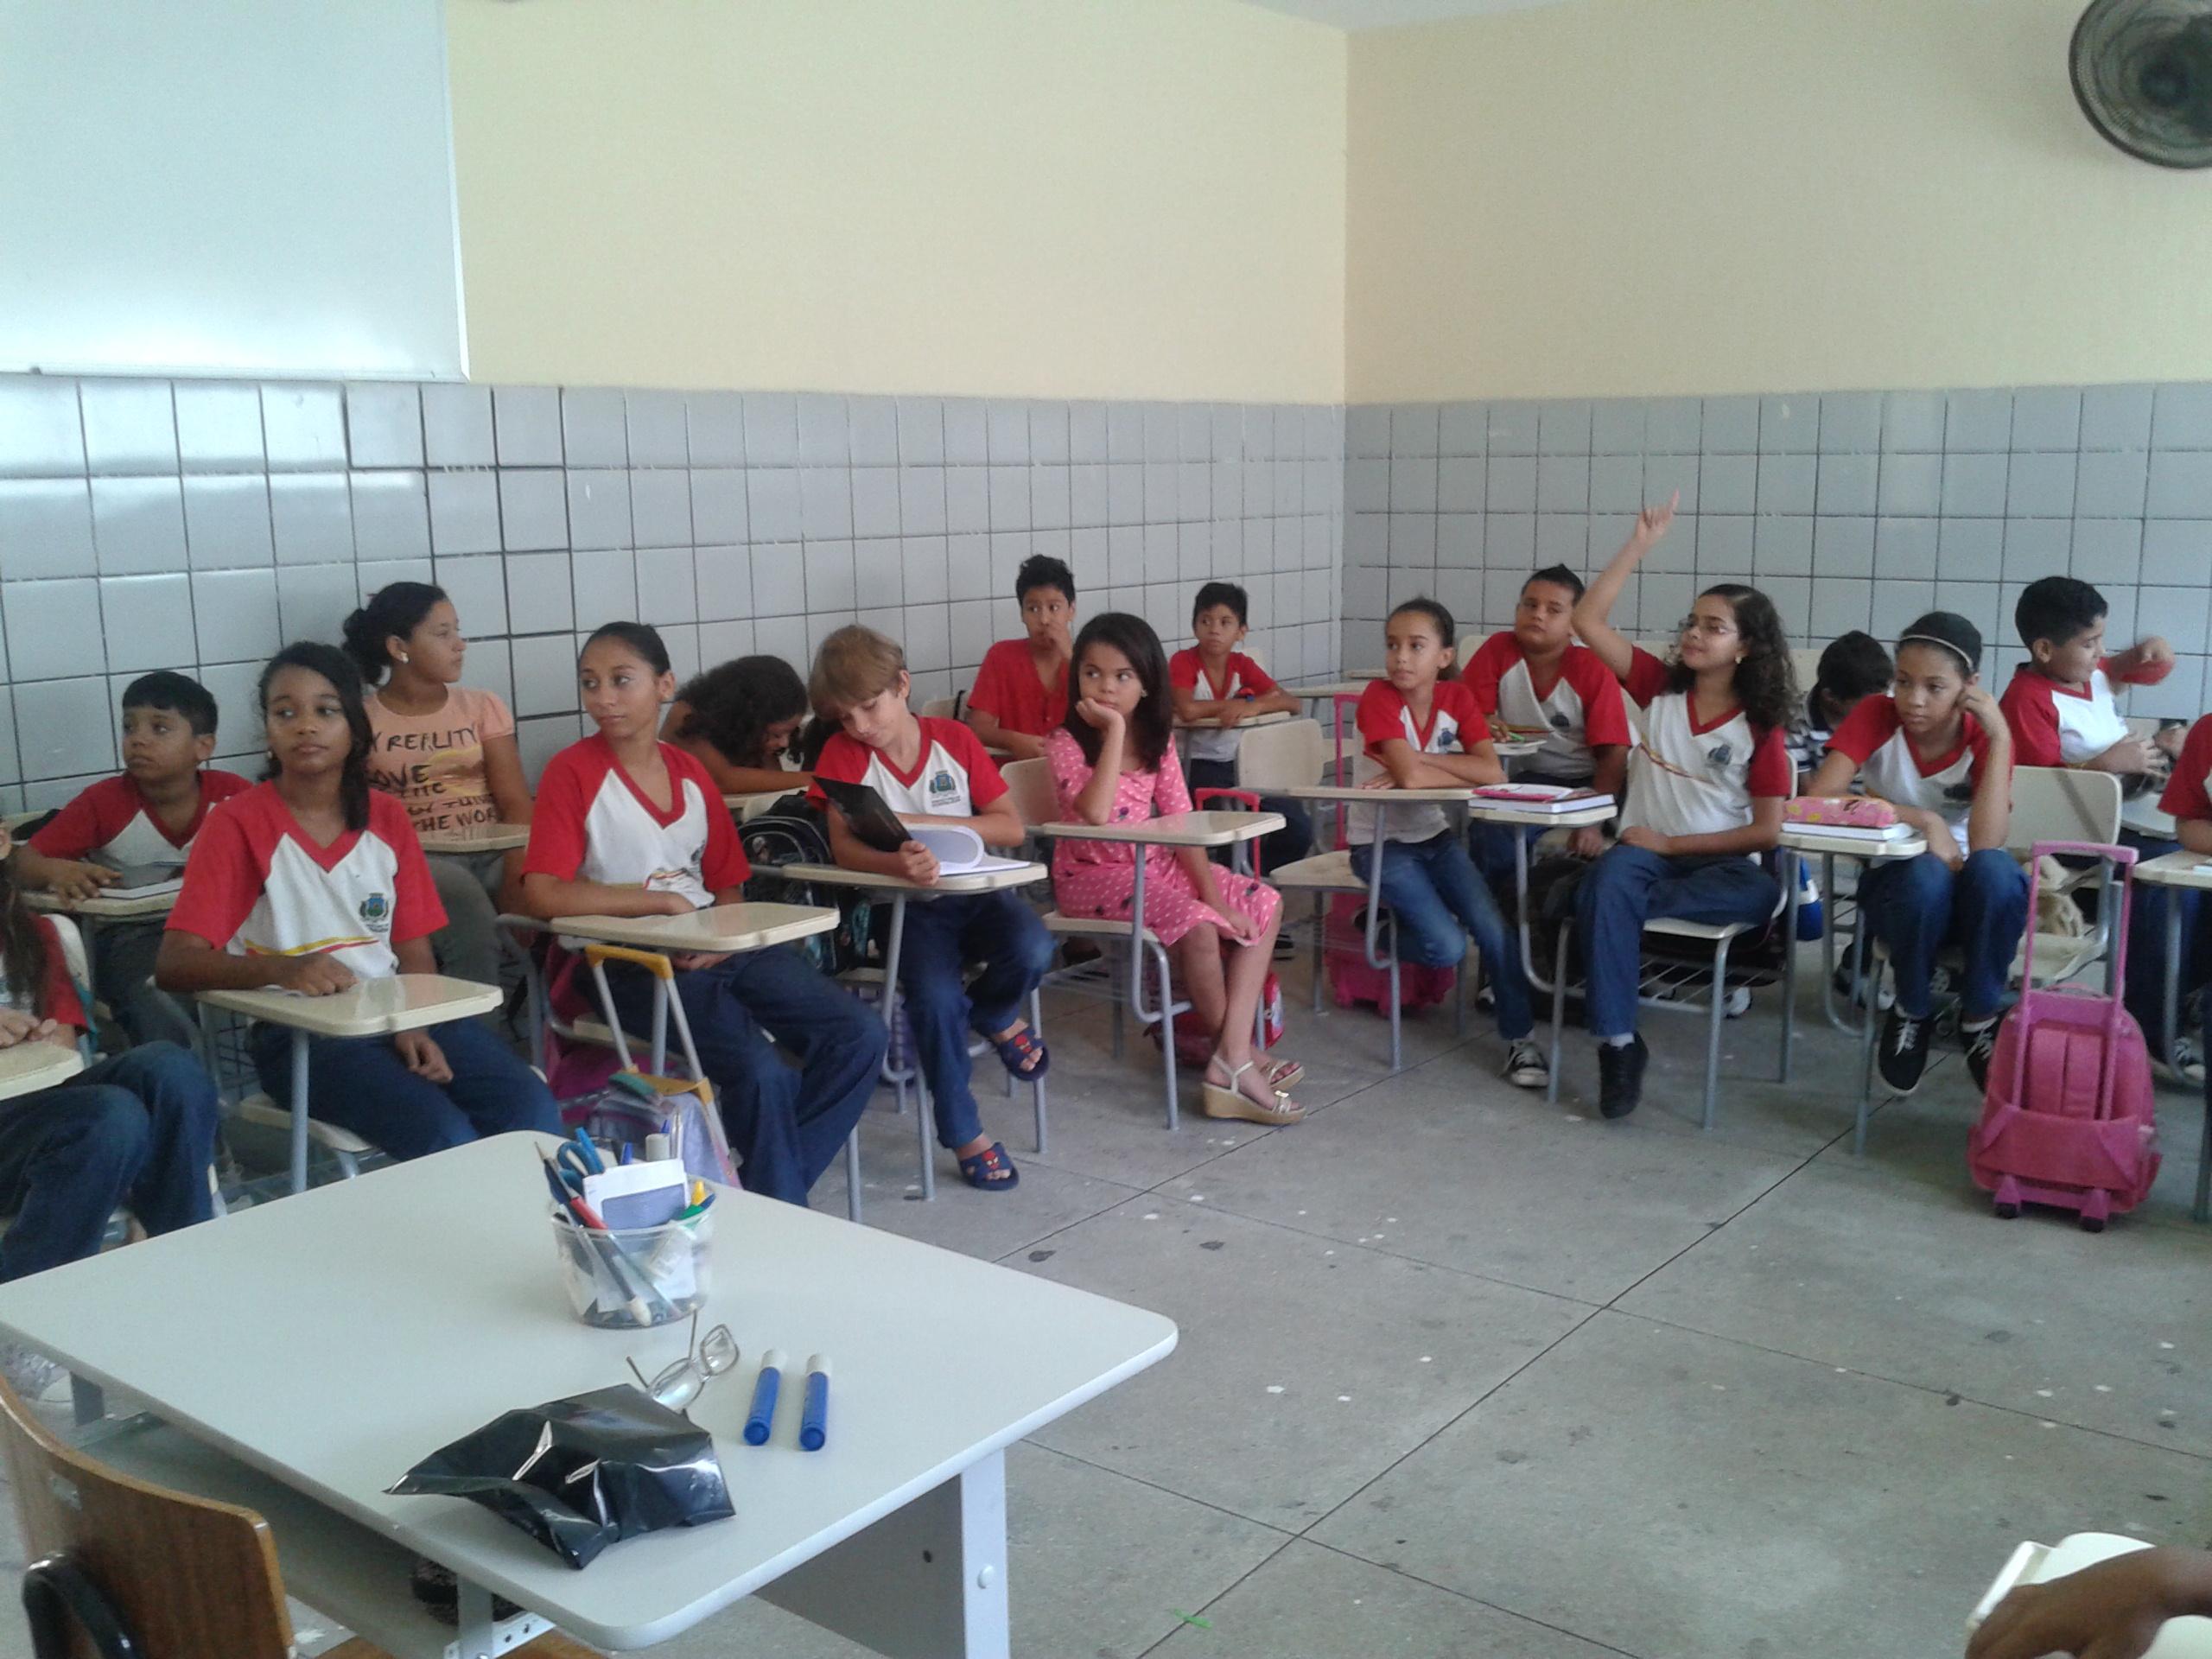 O ano letivo na rede pública municipal de ensino iniciou nesta segunda-feira (18), e Fortaleza ainda tem 36.169 vagas abertas, de acordo com a Secretaria Municipal de Educação (SME).